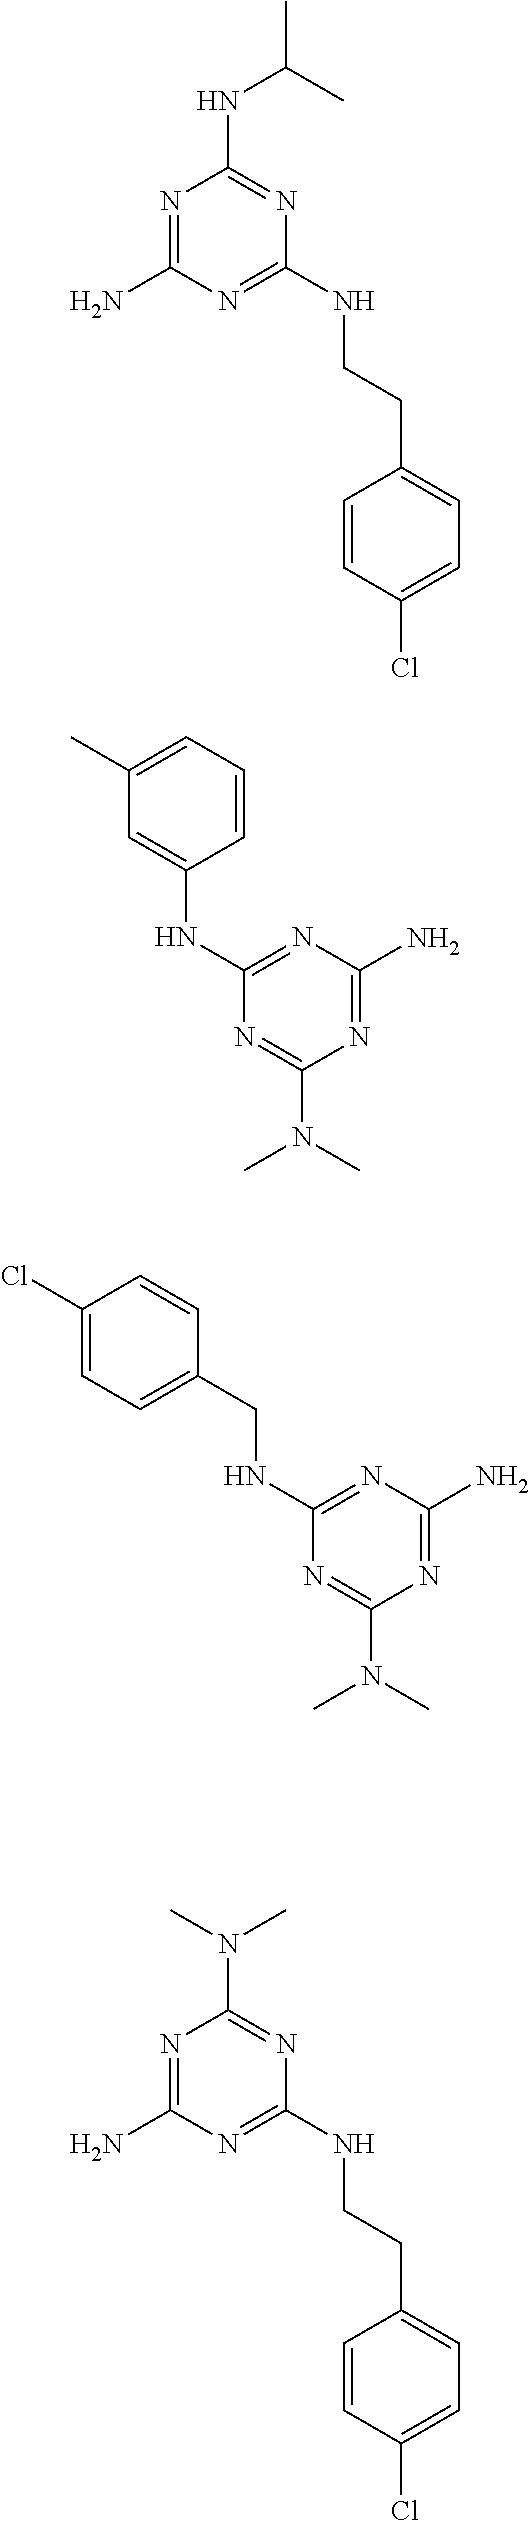 Figure US09480663-20161101-C00158